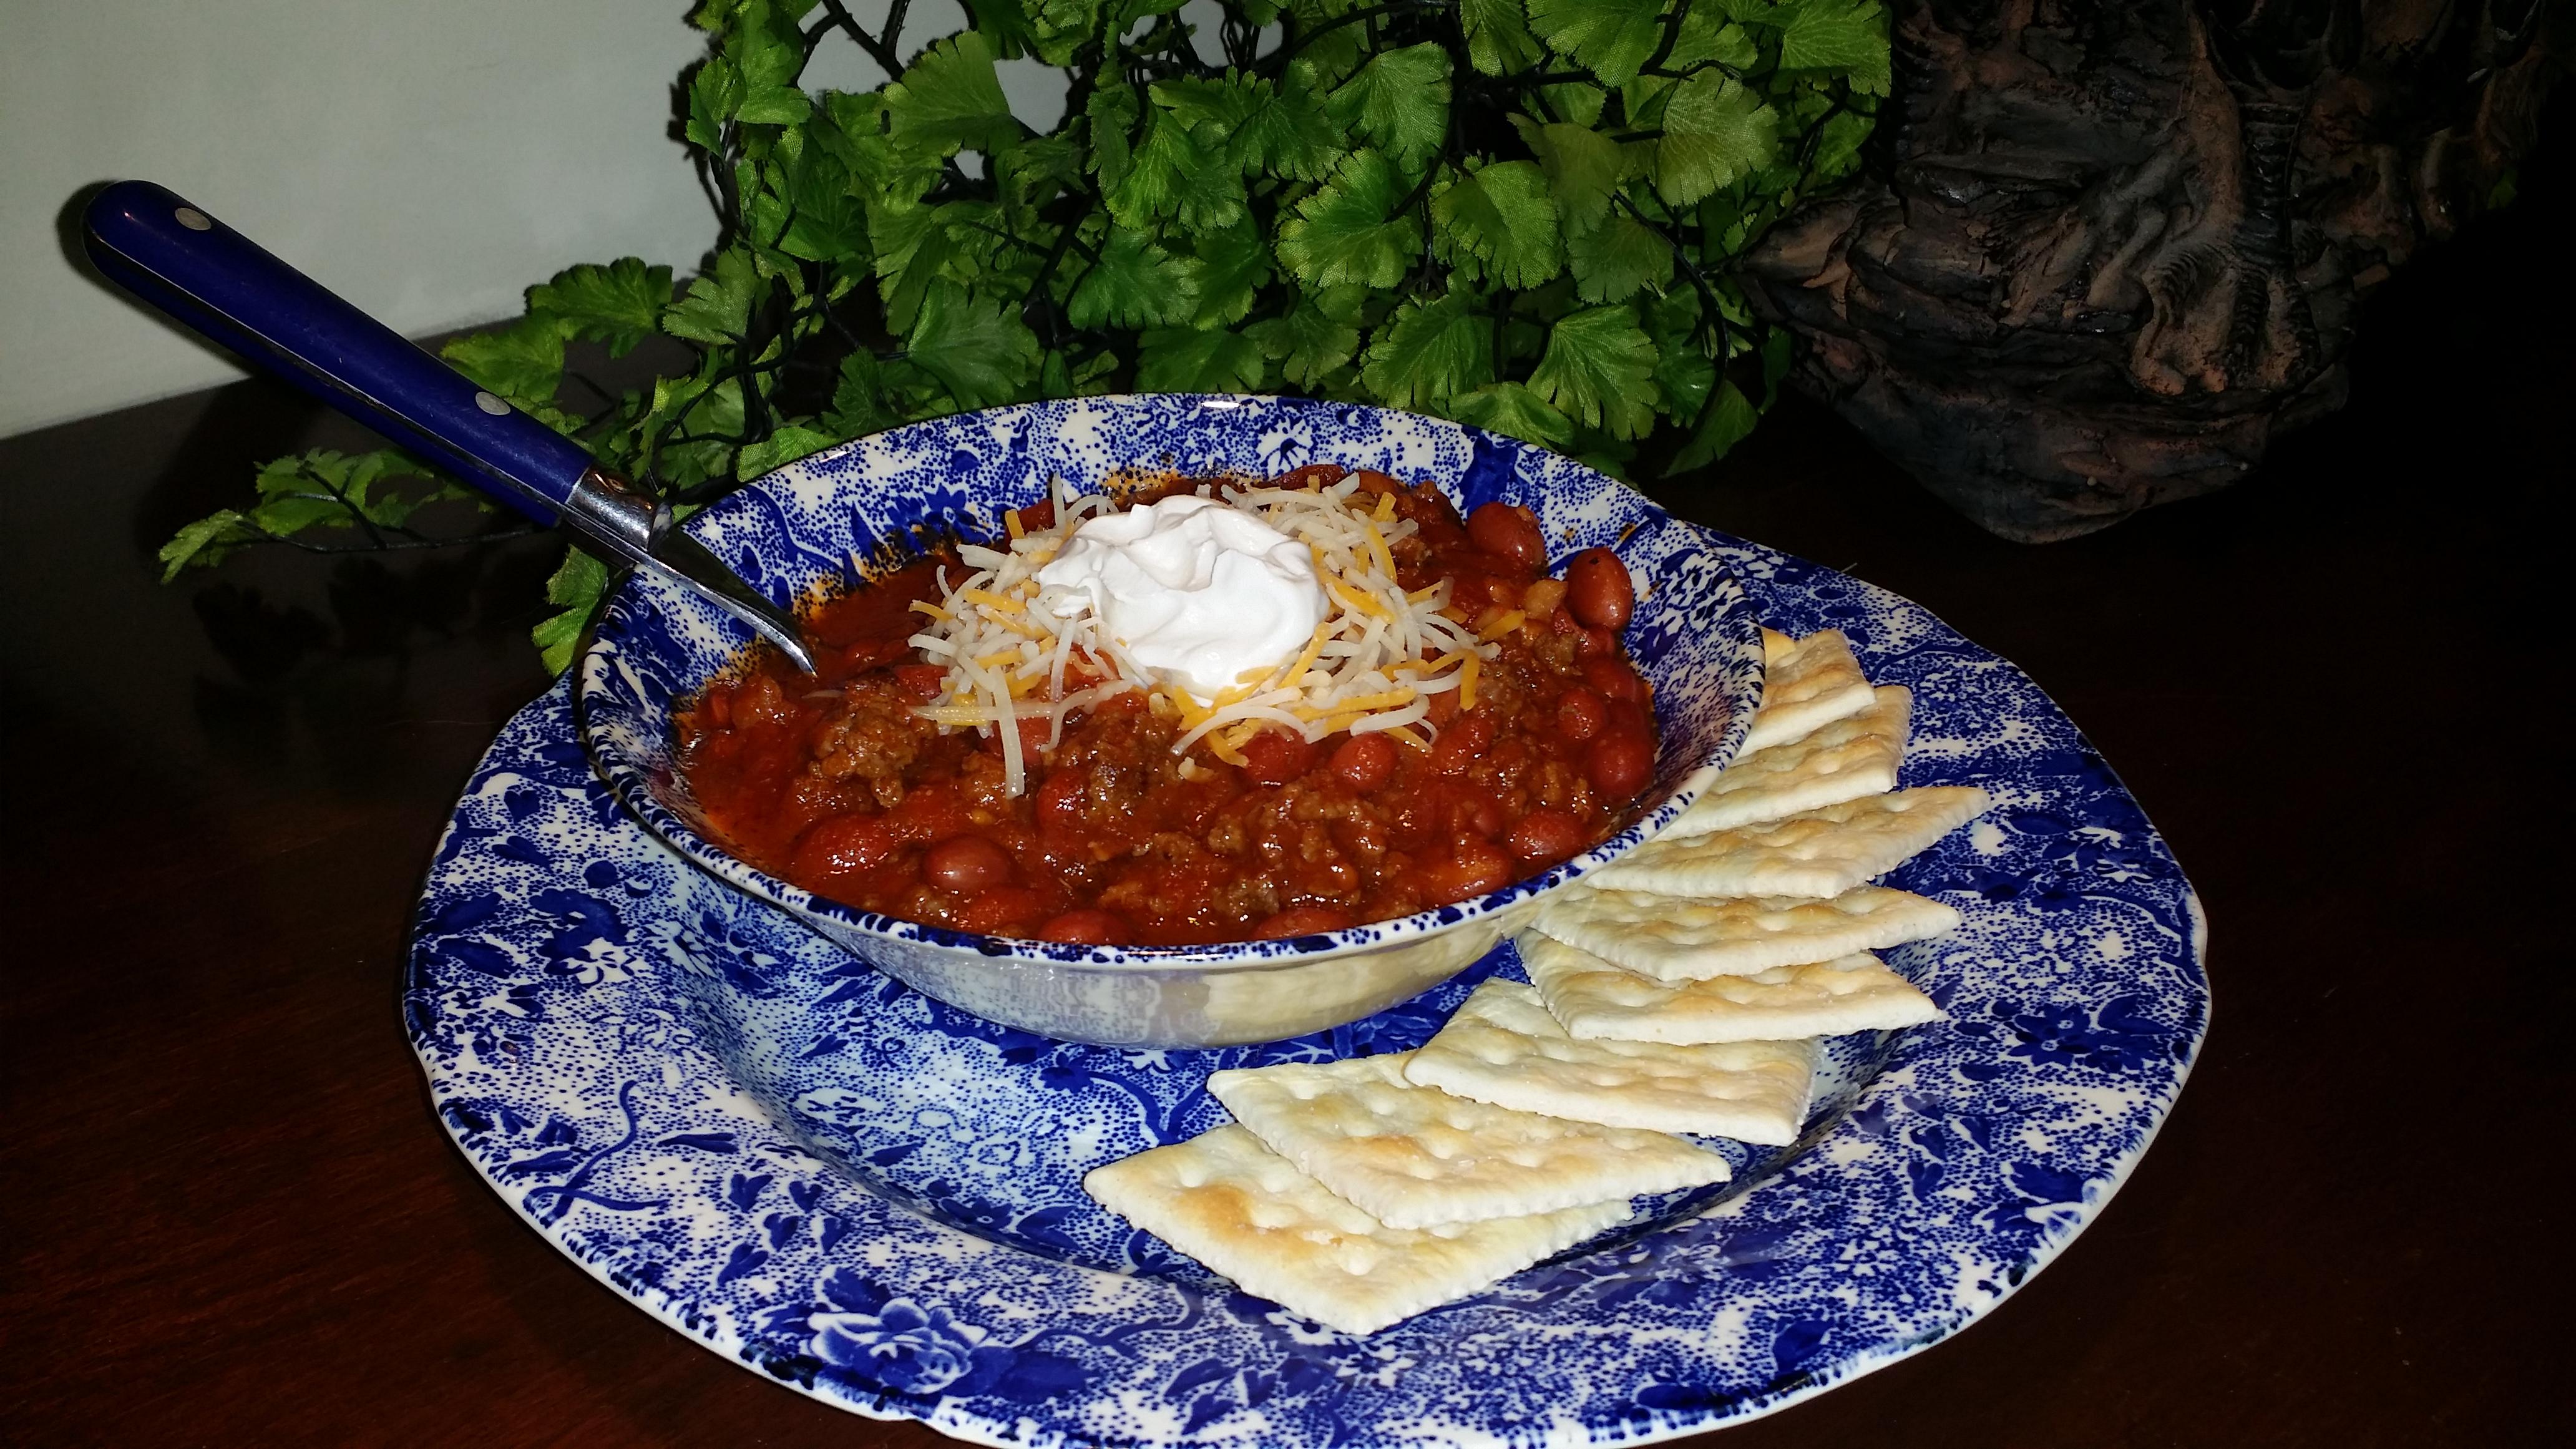 Red chili 1